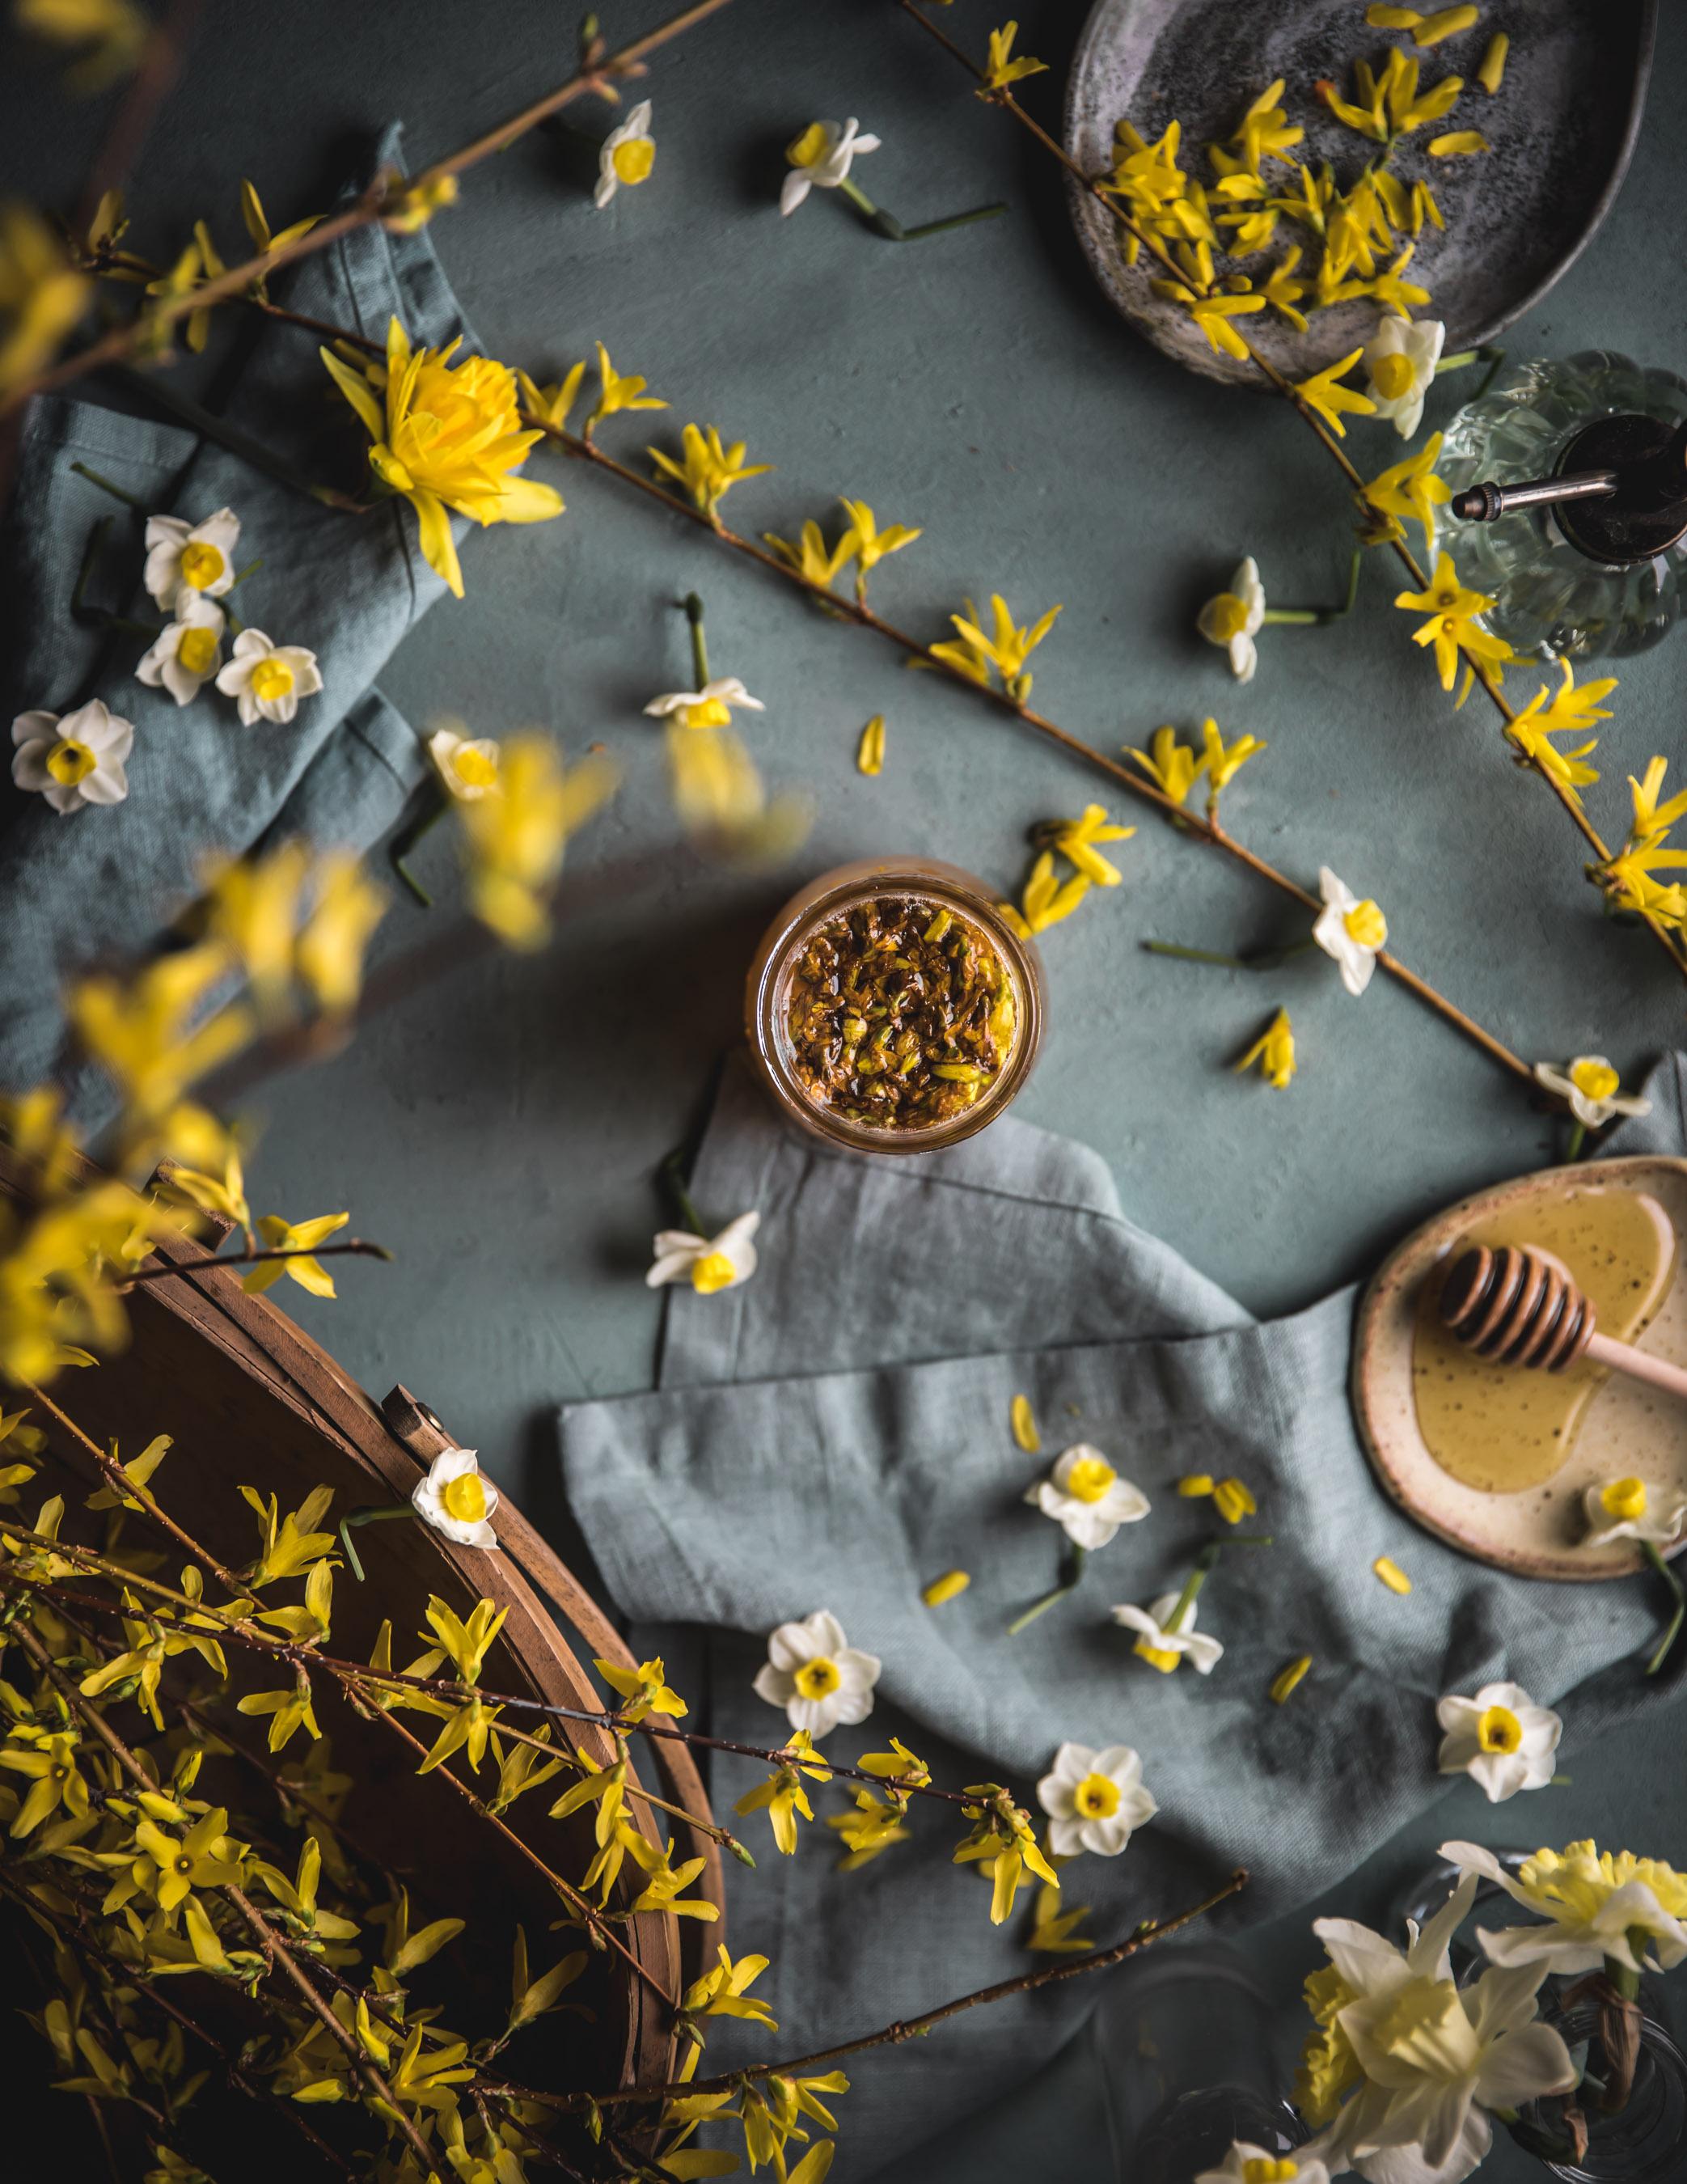 Lemon and Forsythia Syrup